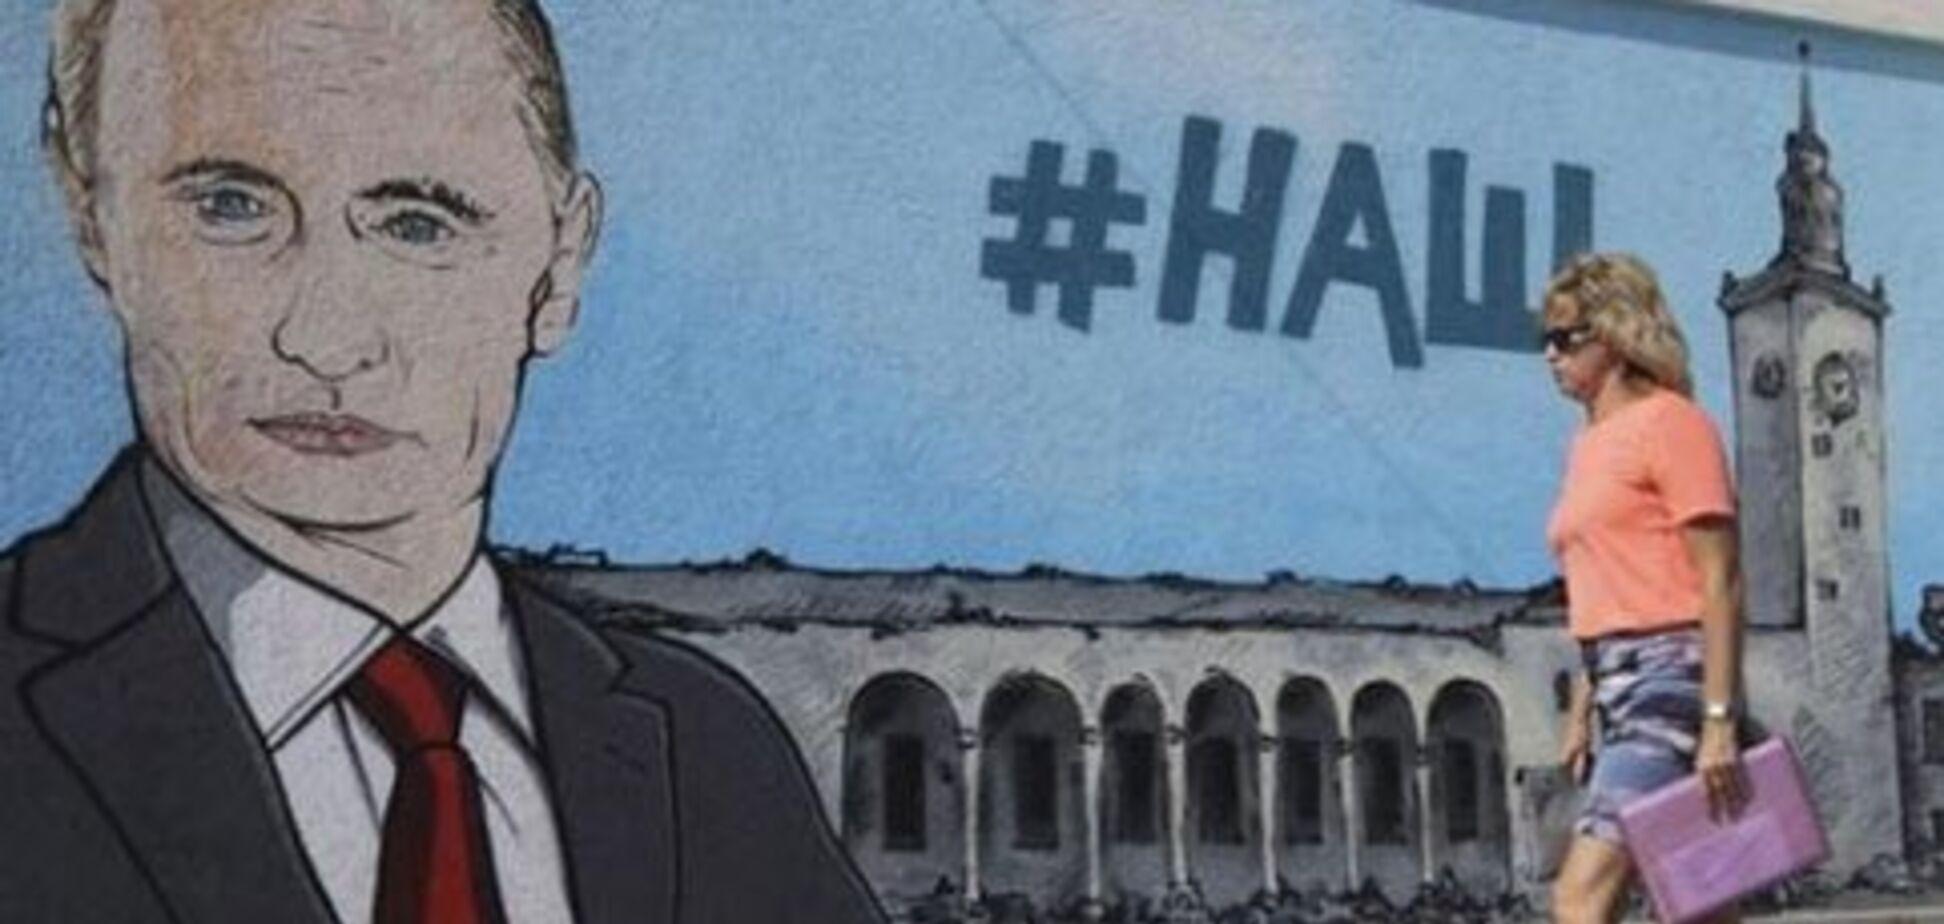 Новости Крымнаша. Хитрый план: сделать все, чтобы крымчане возненавидели Россию